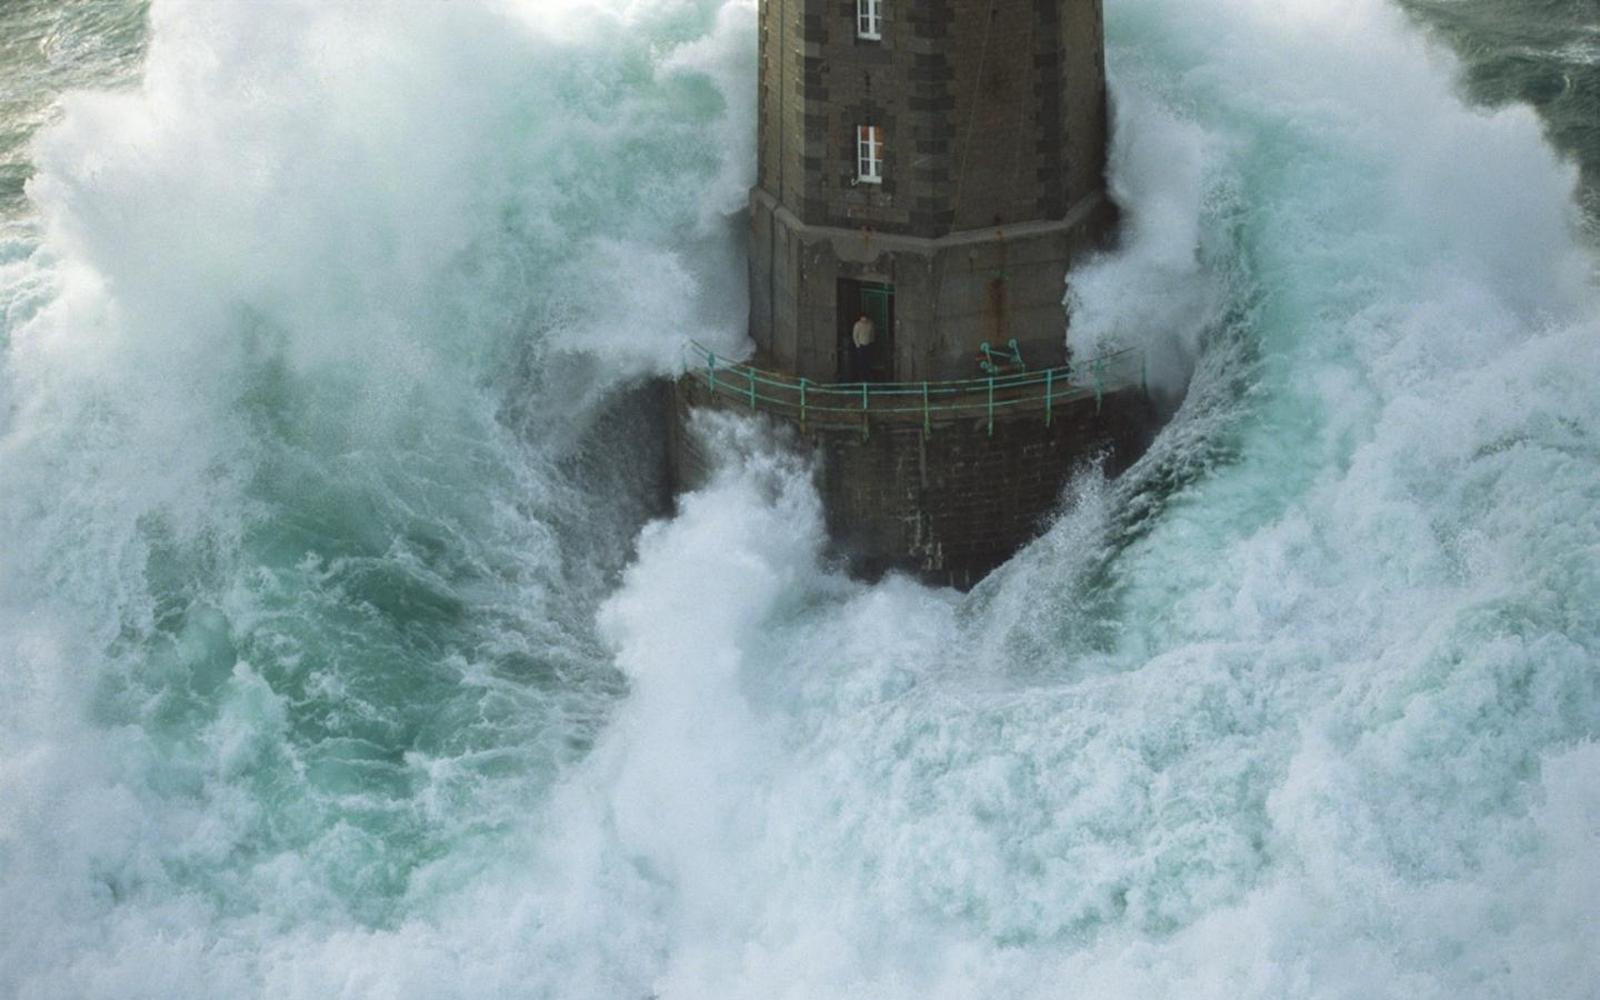 1989. Théodore Malgorn a világítótorony őre várja a mentőhelikoptert a Brest közeli atlanti-óceáni őrhelyén. A későn észlelt hullám ellenére sikerült visszamennie a toronyba és becsukni az ajtót..jpg